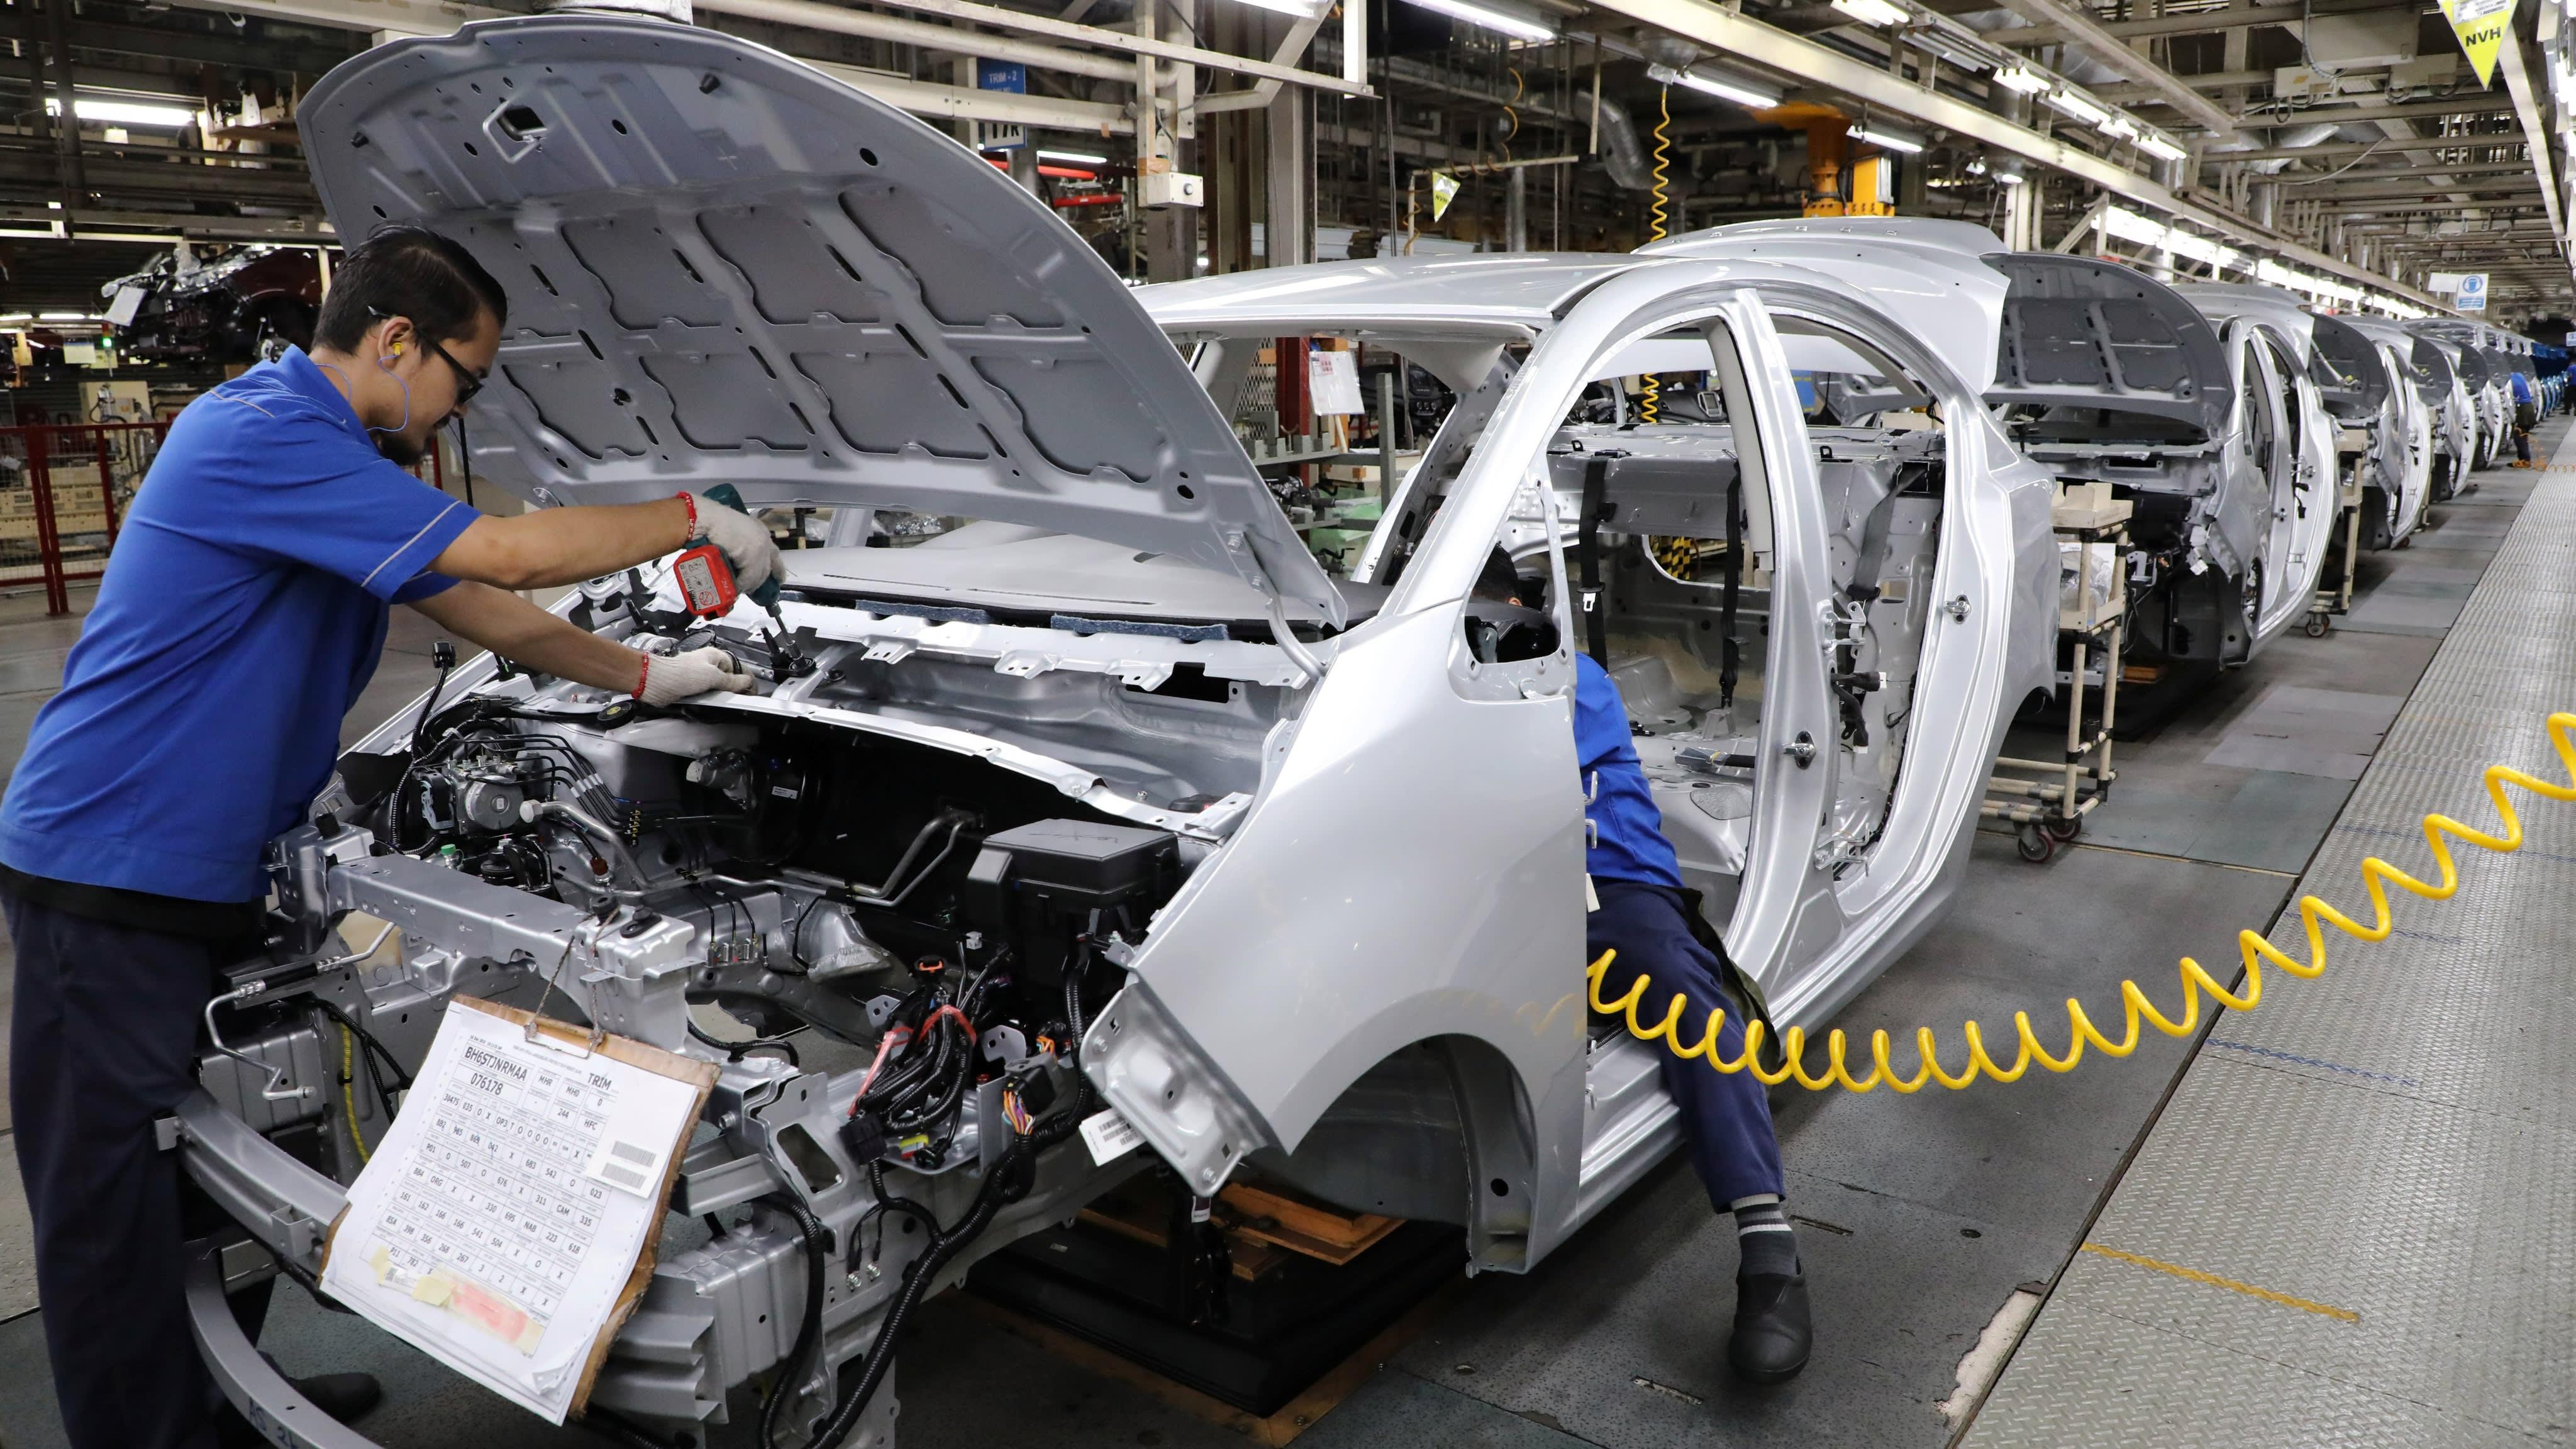 الهندسية للسيارات - تجميع بروتون , عز العرب , الفا عز العرب , تصنيع بروتون , النصر للسيارات , الهندسية للصناعات , القابضة للصناعات المعدنية , وزارة قطاع الأعمال